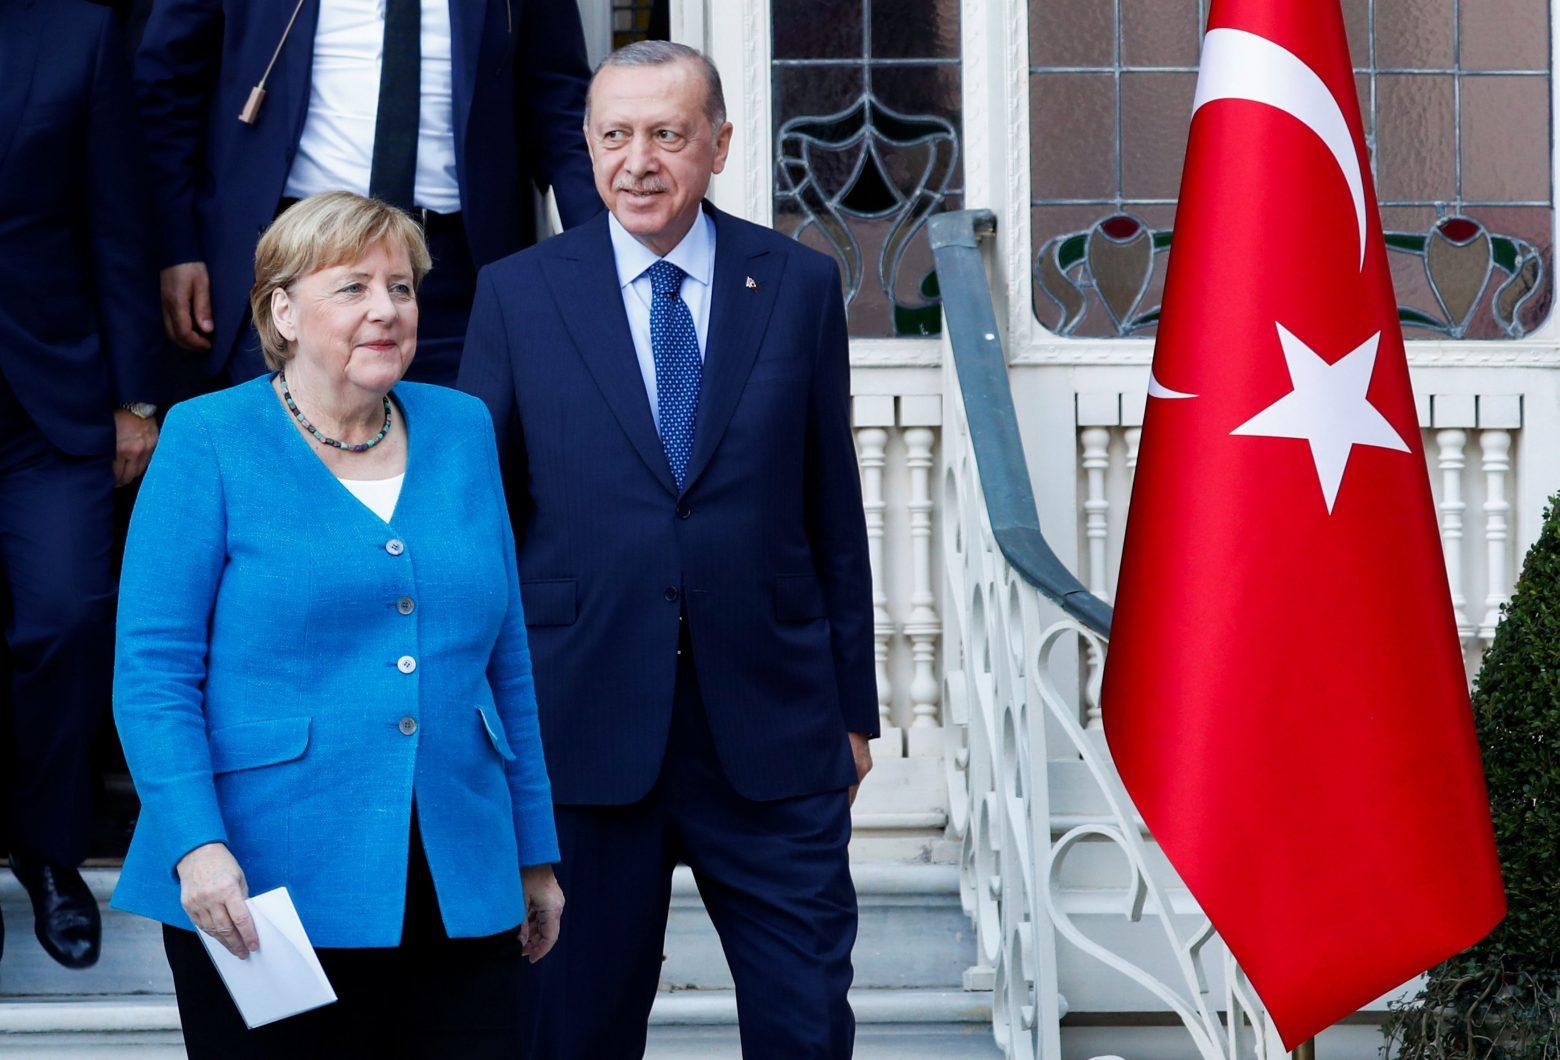 Μέρκελ – Τελευταίο τετ α τετ με τον Ερντογάν με φόντο τον Βόσπορο – Οι ευχαριστίες, οι επικρίσεις και η… υπόσχεση